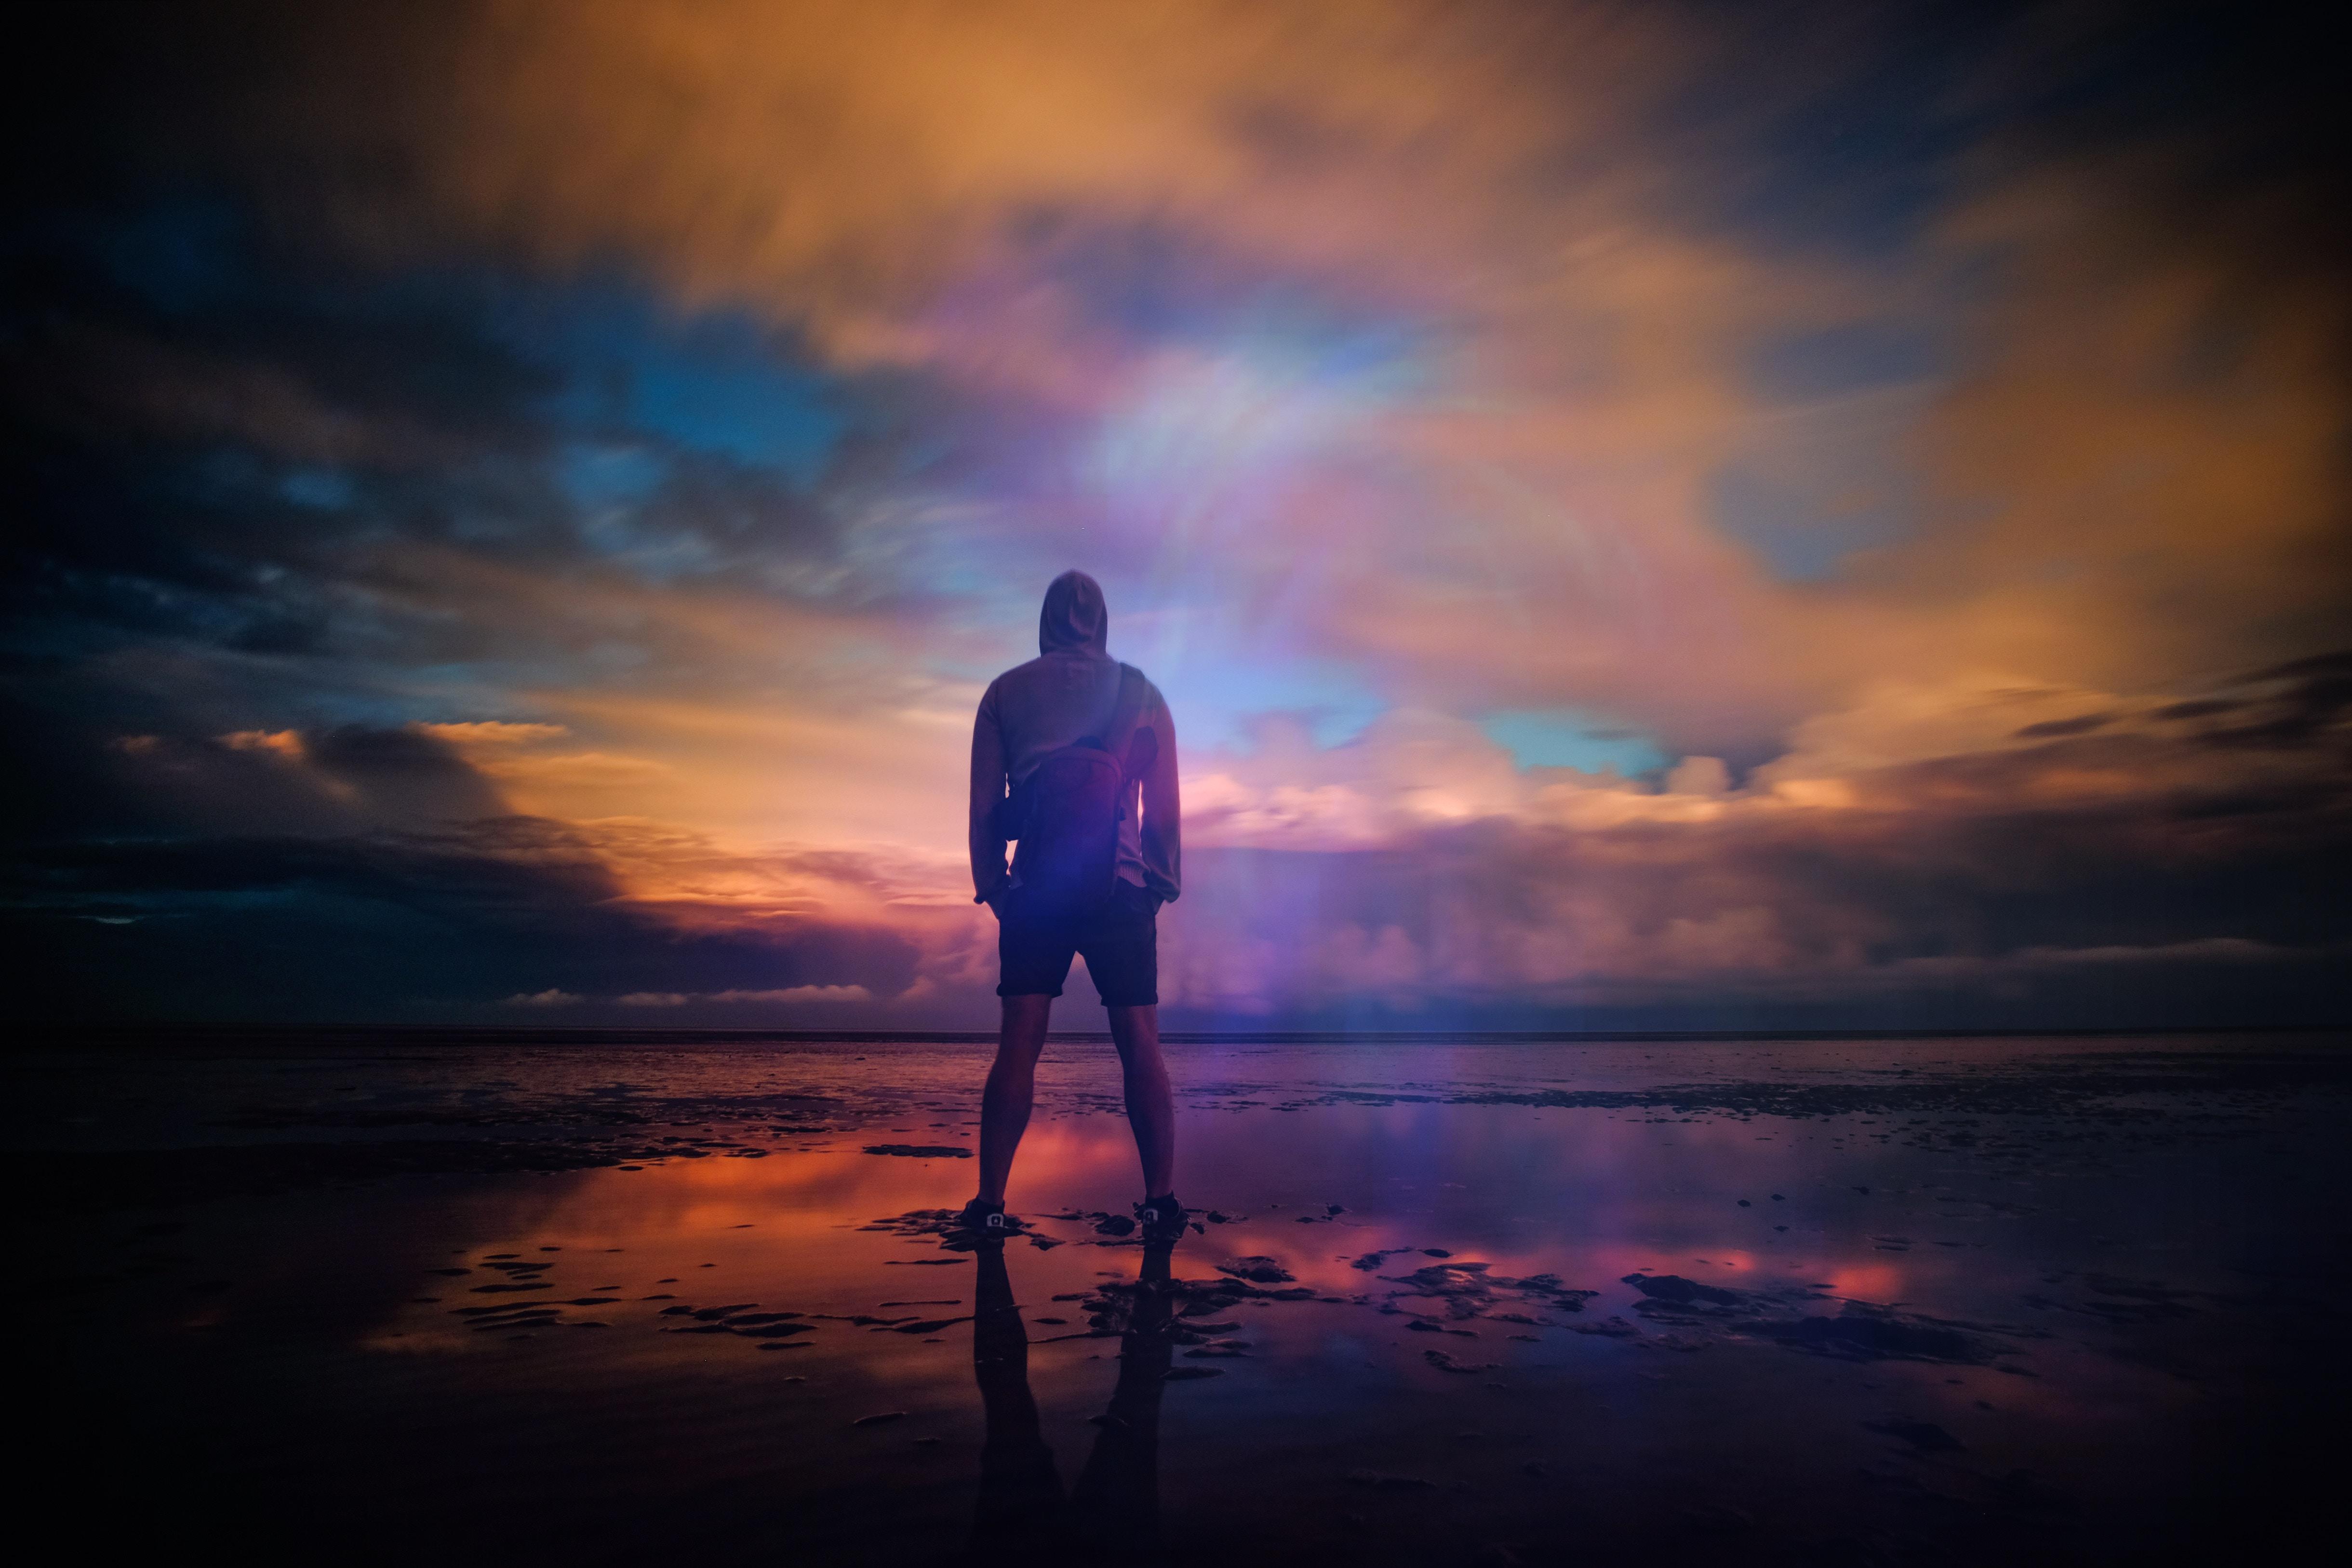 парень стоит на закате солнца картинки желтки пудрой, добавляют